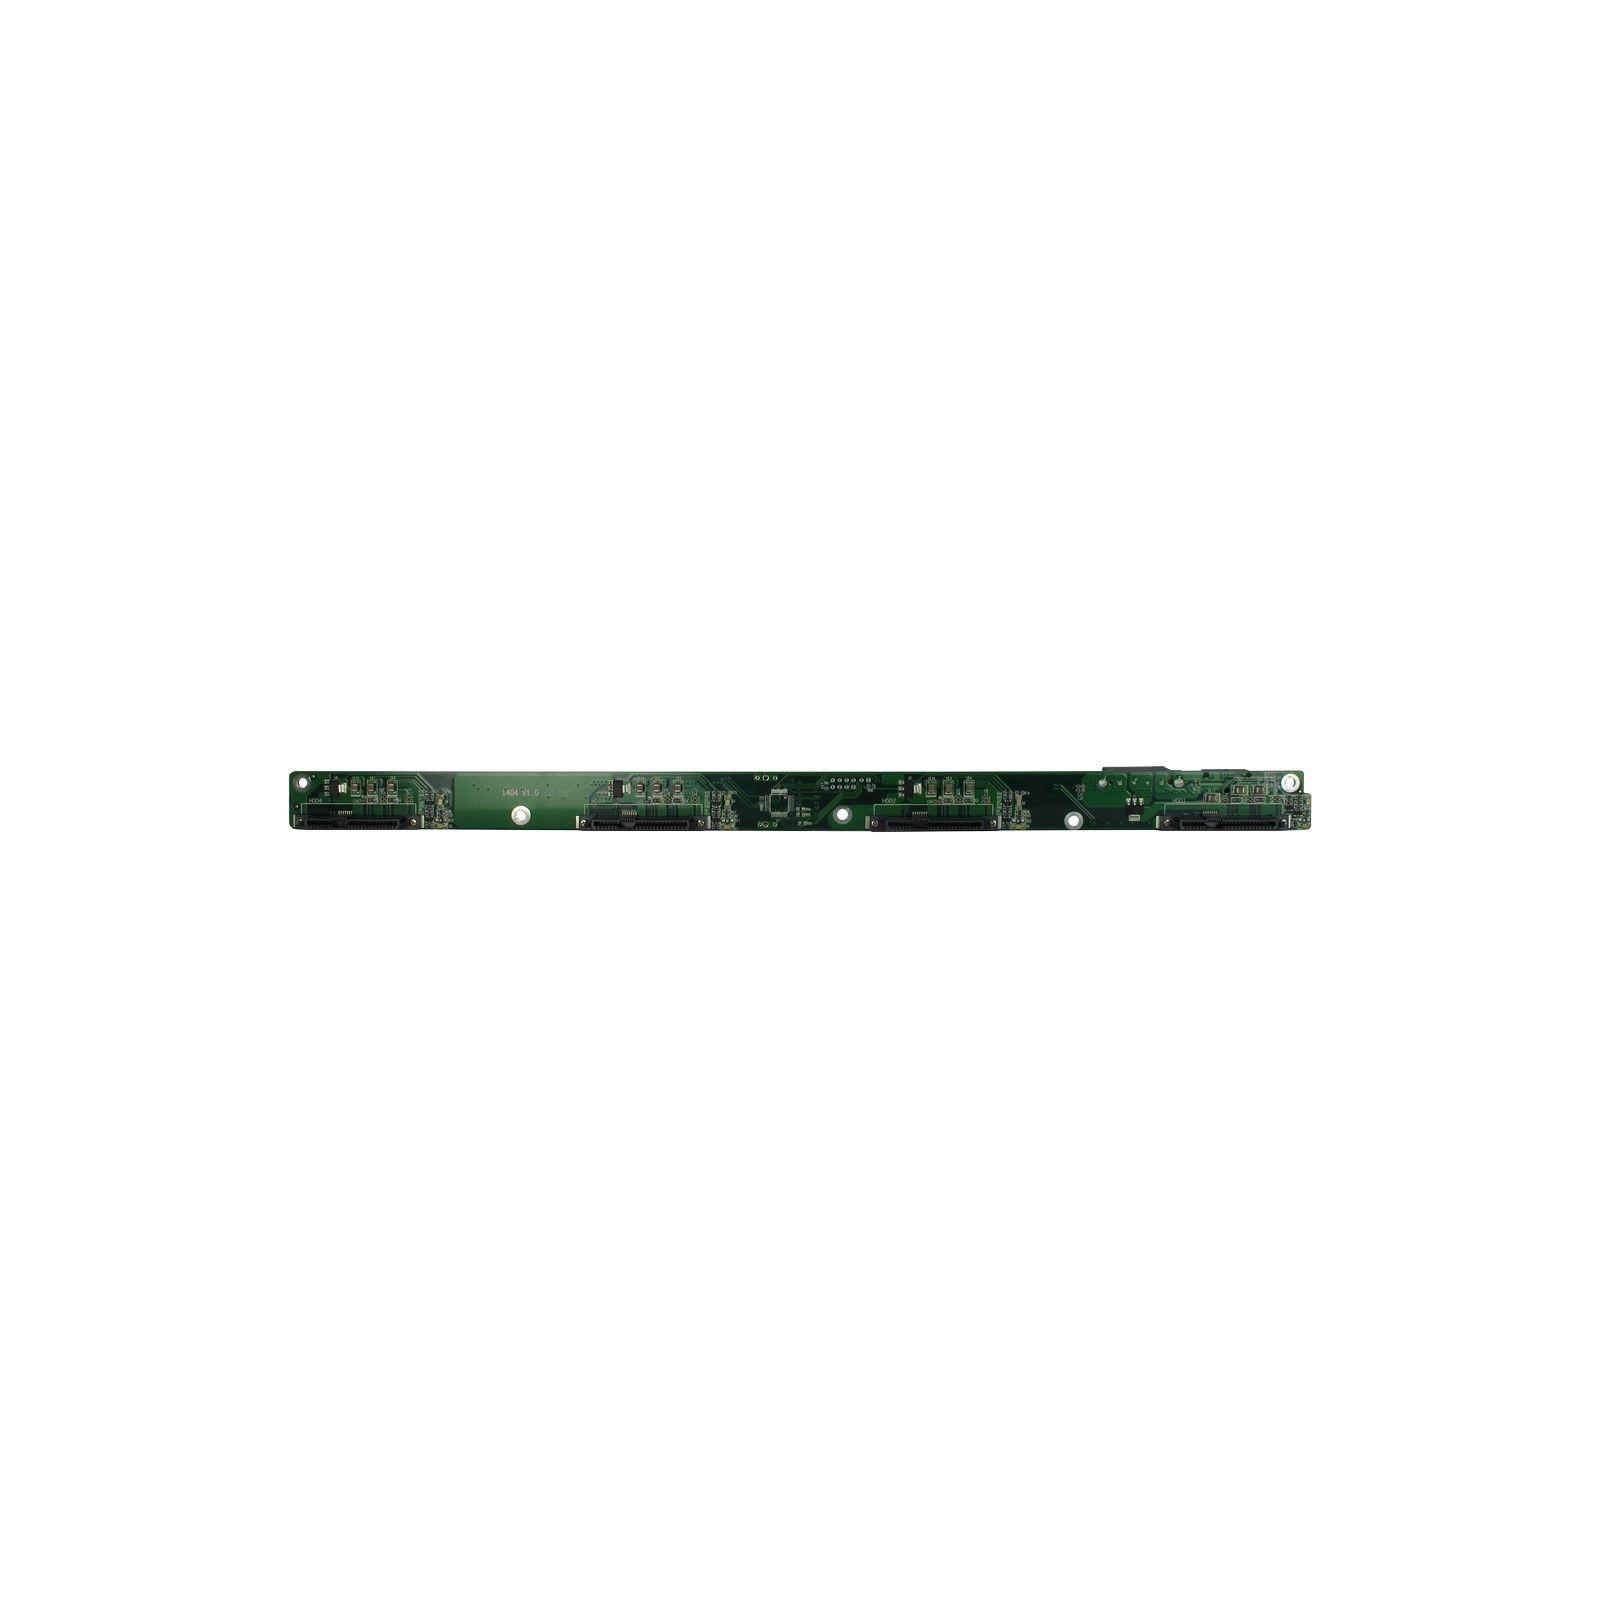 Корпус для сервера Inter-Tech 2U-2412 (456524) изображение 7